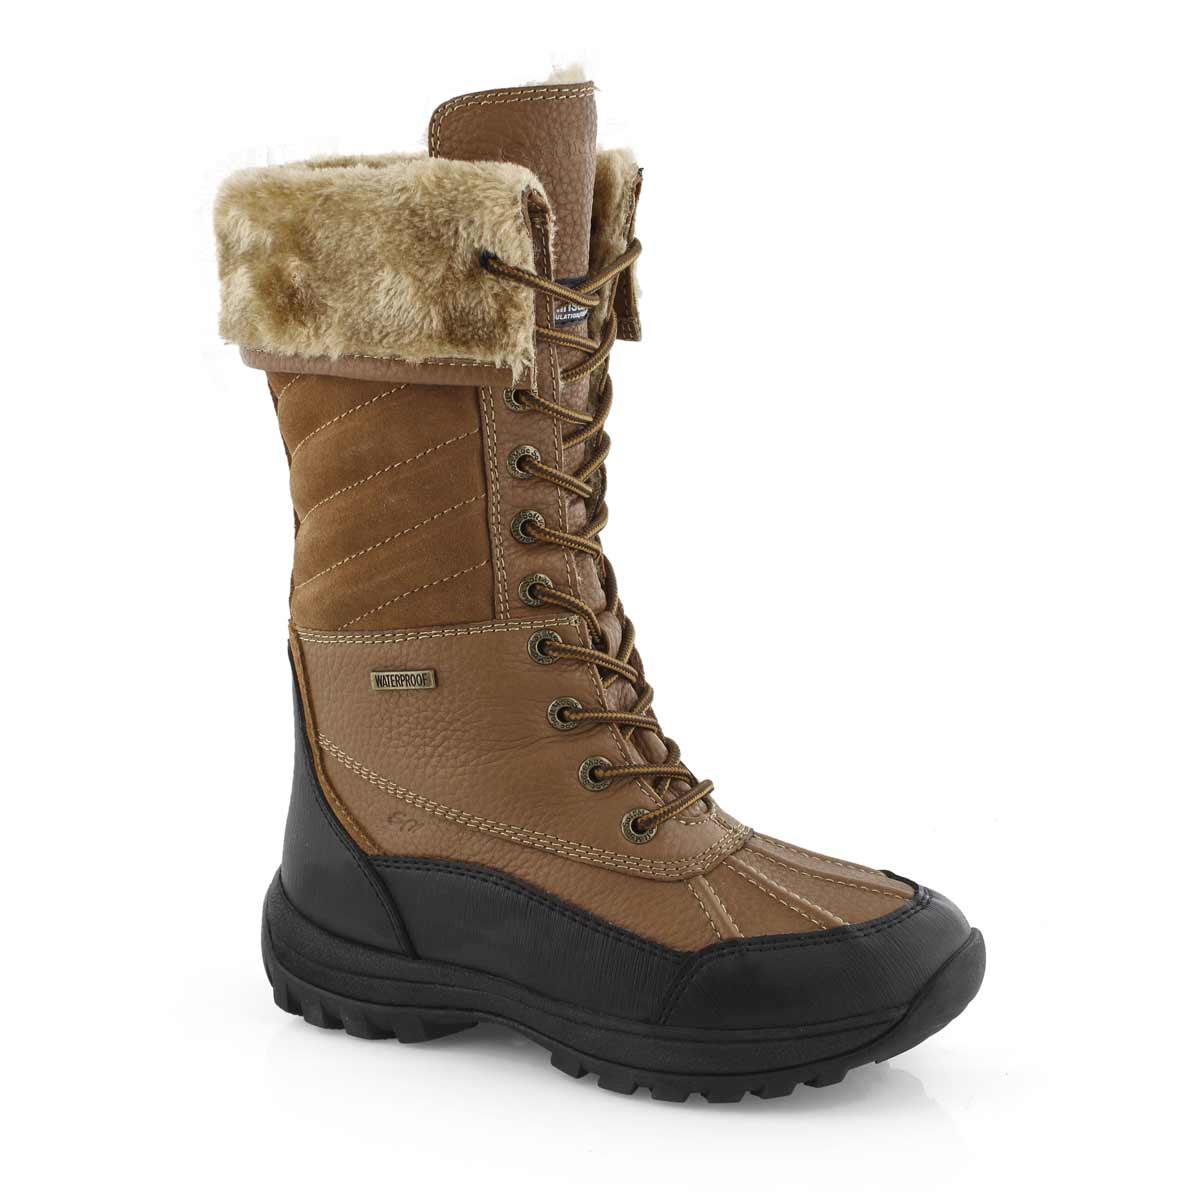 Lds Shakira Tall 2 pnut wtpf winter boot